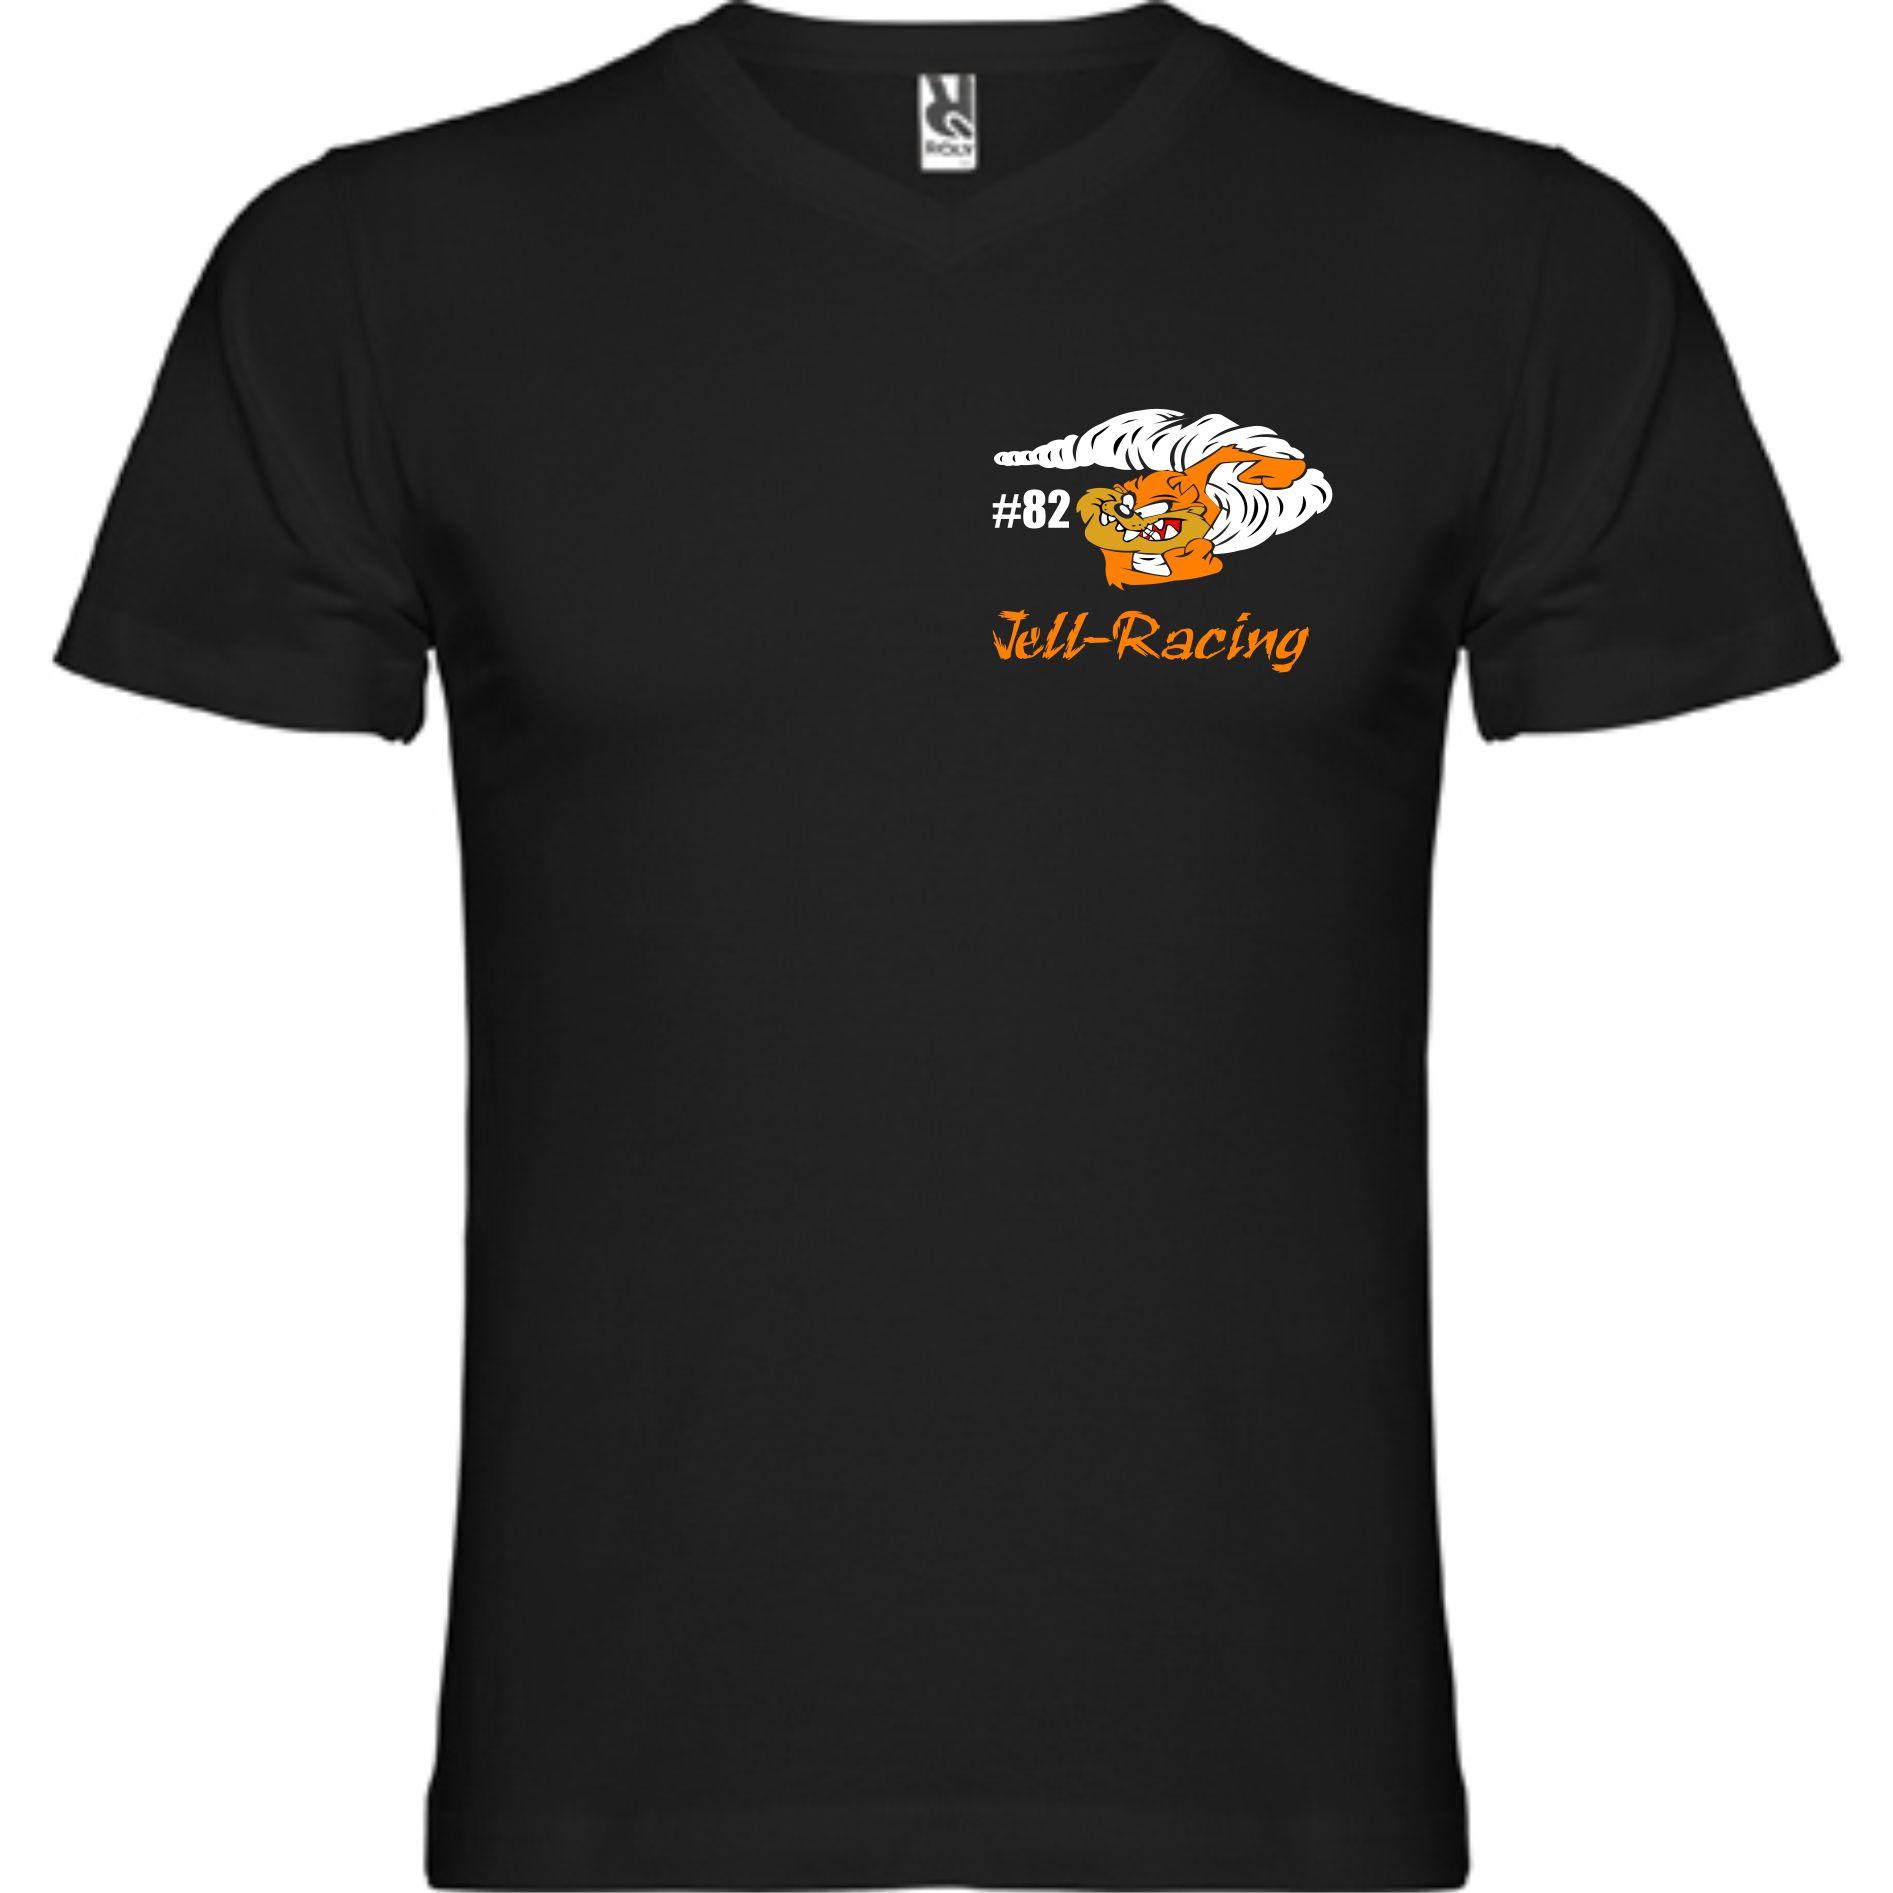 Jell Racing FAN TShirt